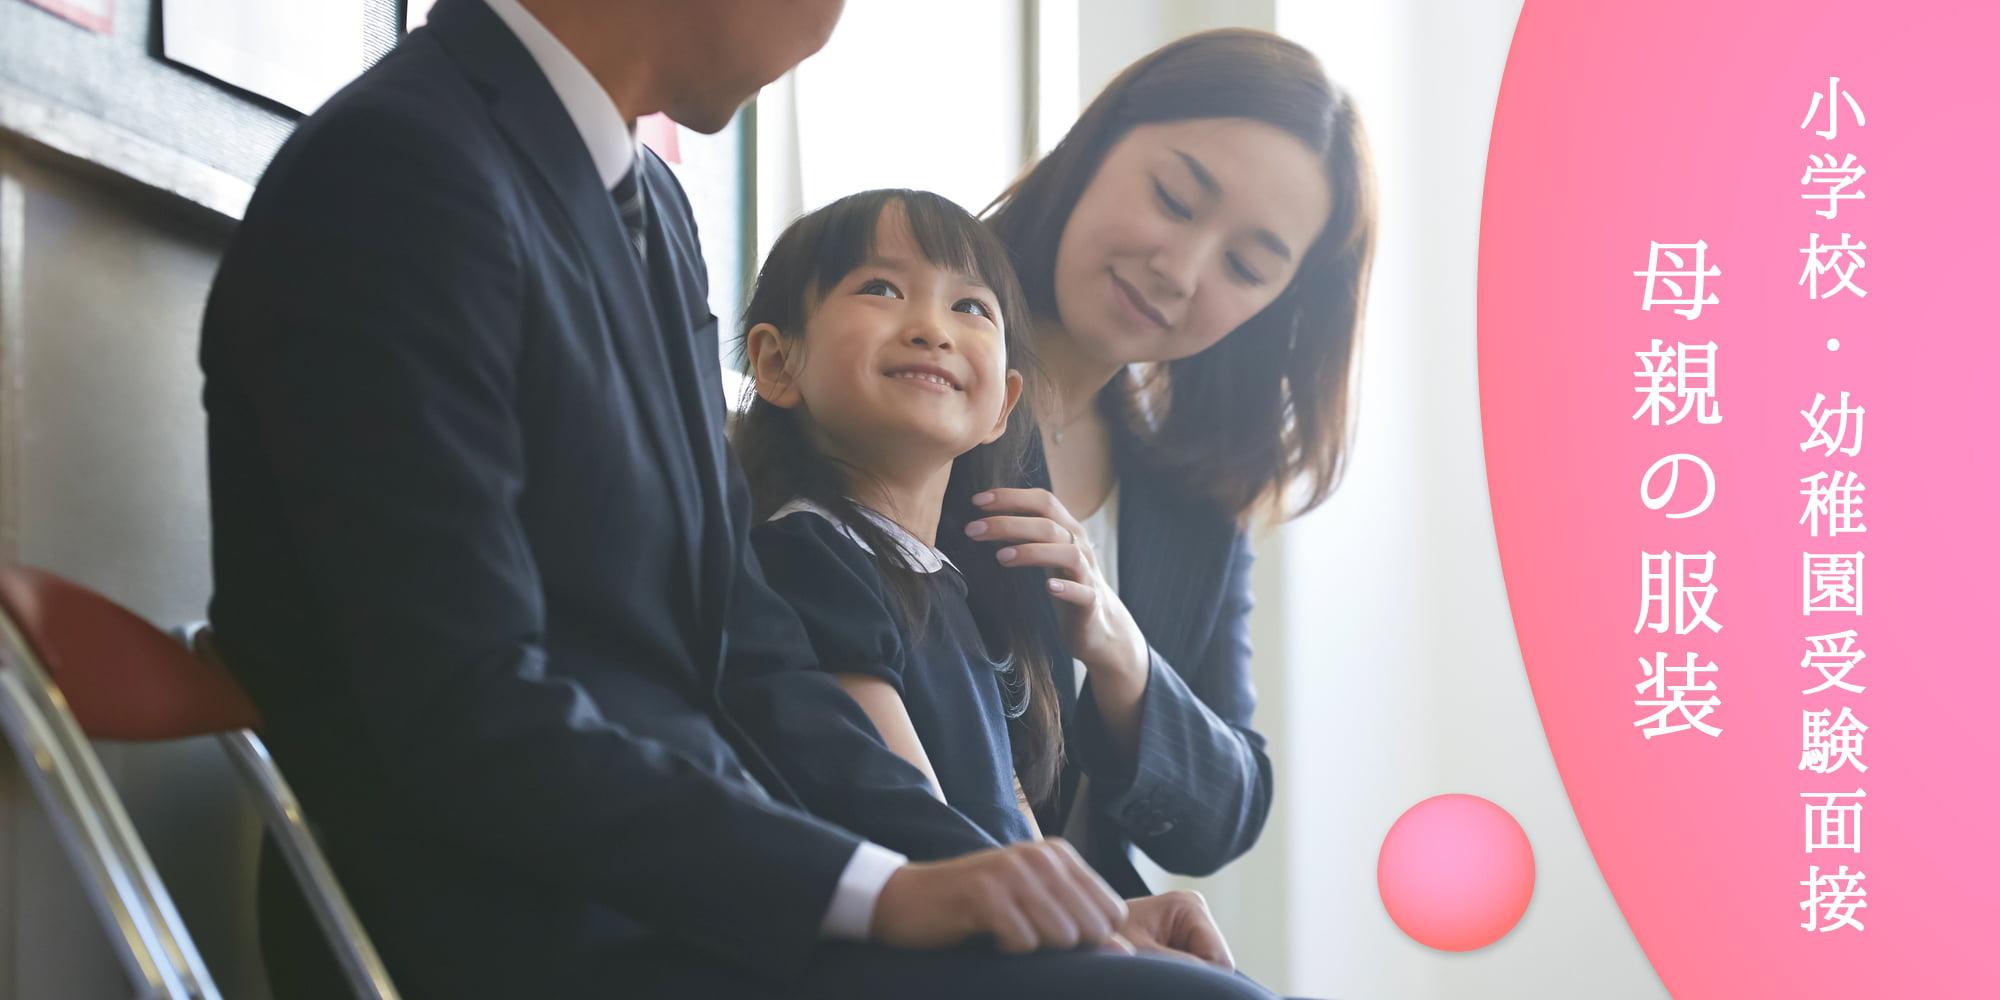 小学校受験面接、幼稚園受験面接で好印象を与える母親の服装